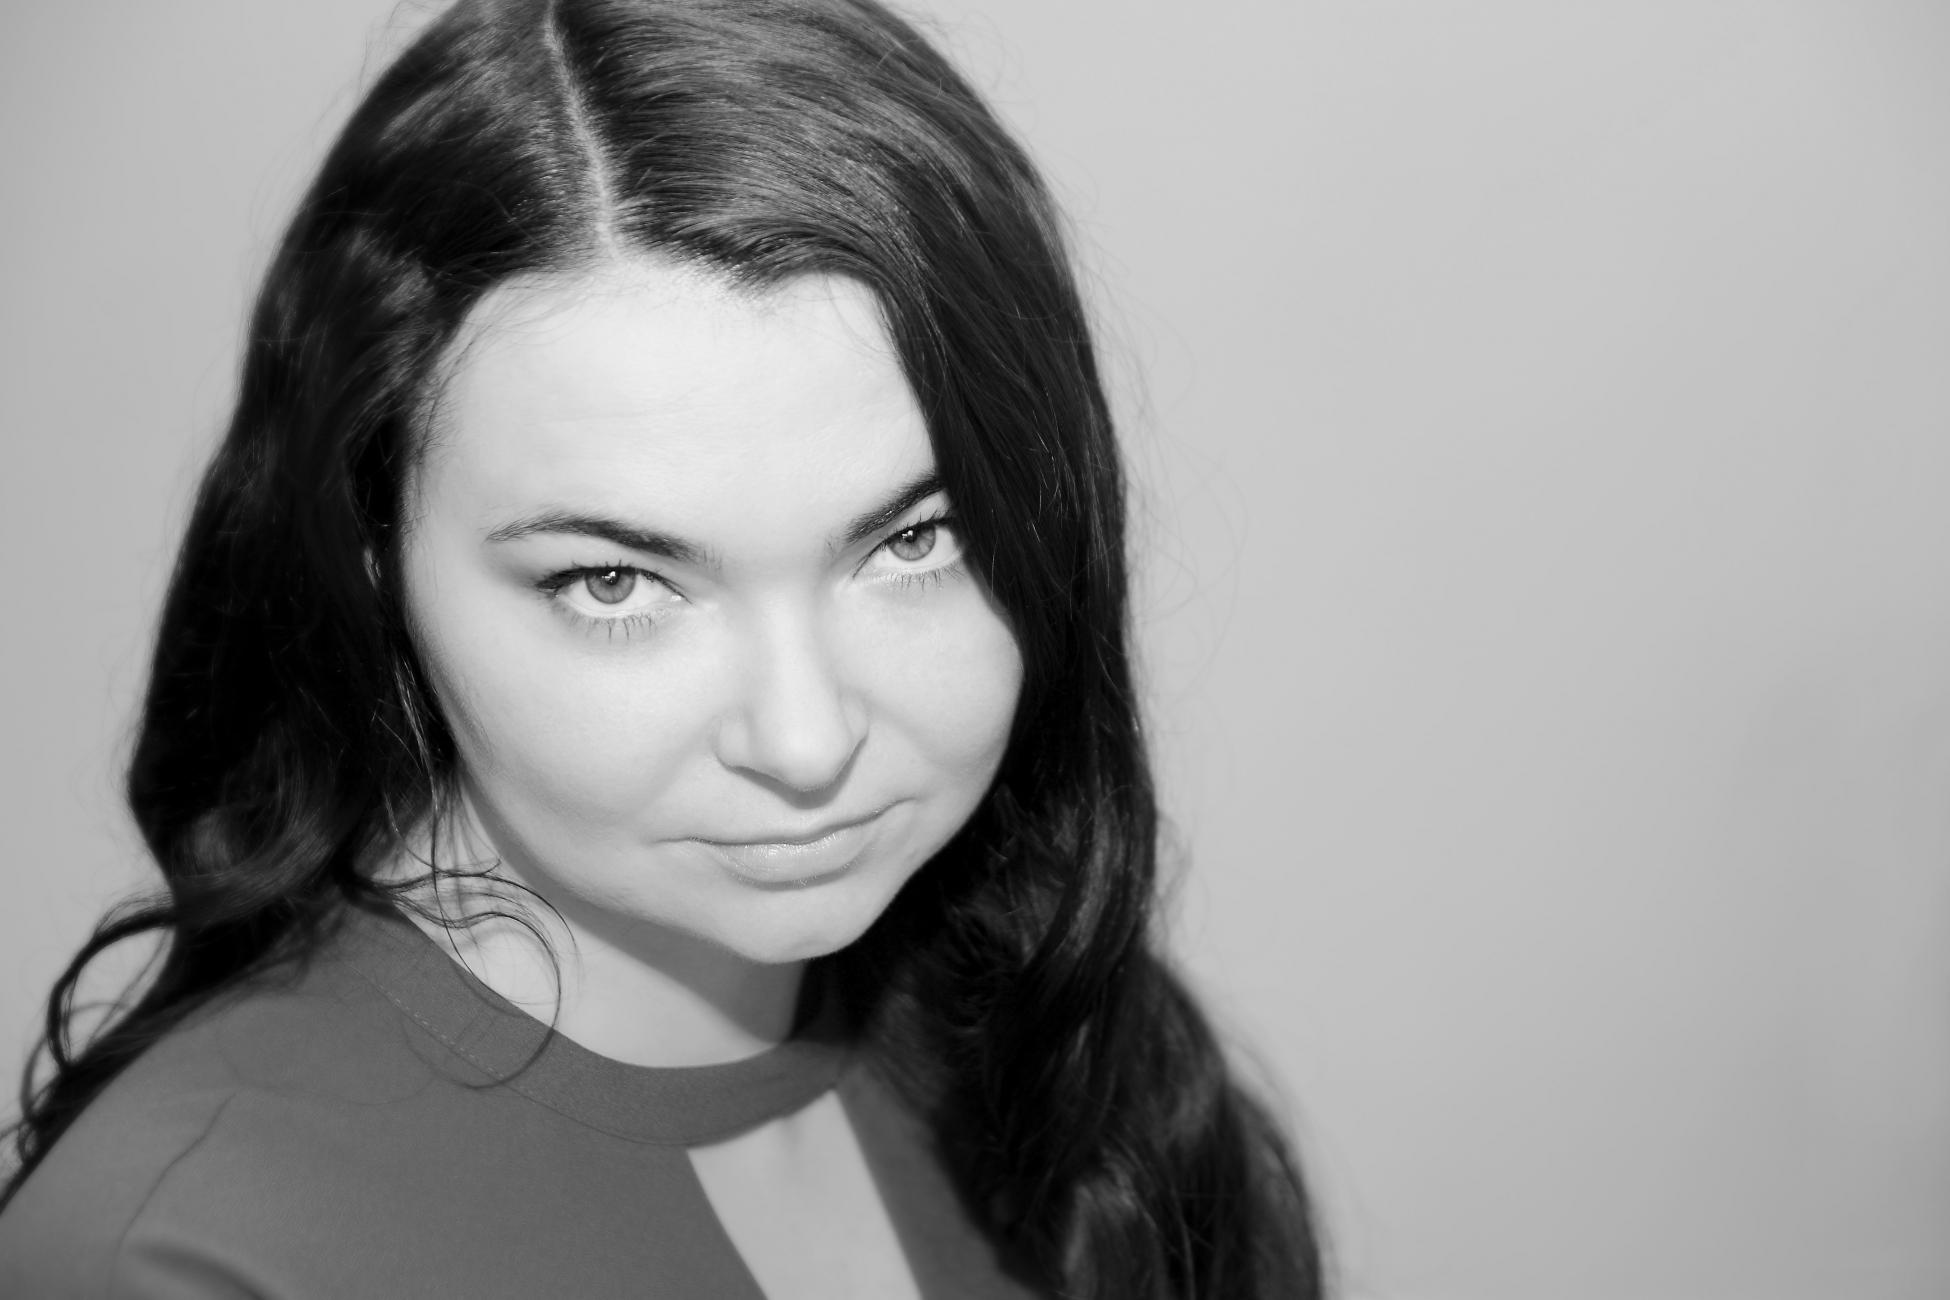 ola-szczygieł-sesje-kobiece-fotograf-projekt-lubliniczanka-wystawa-dom-kultury-lubliniec-monikabregula